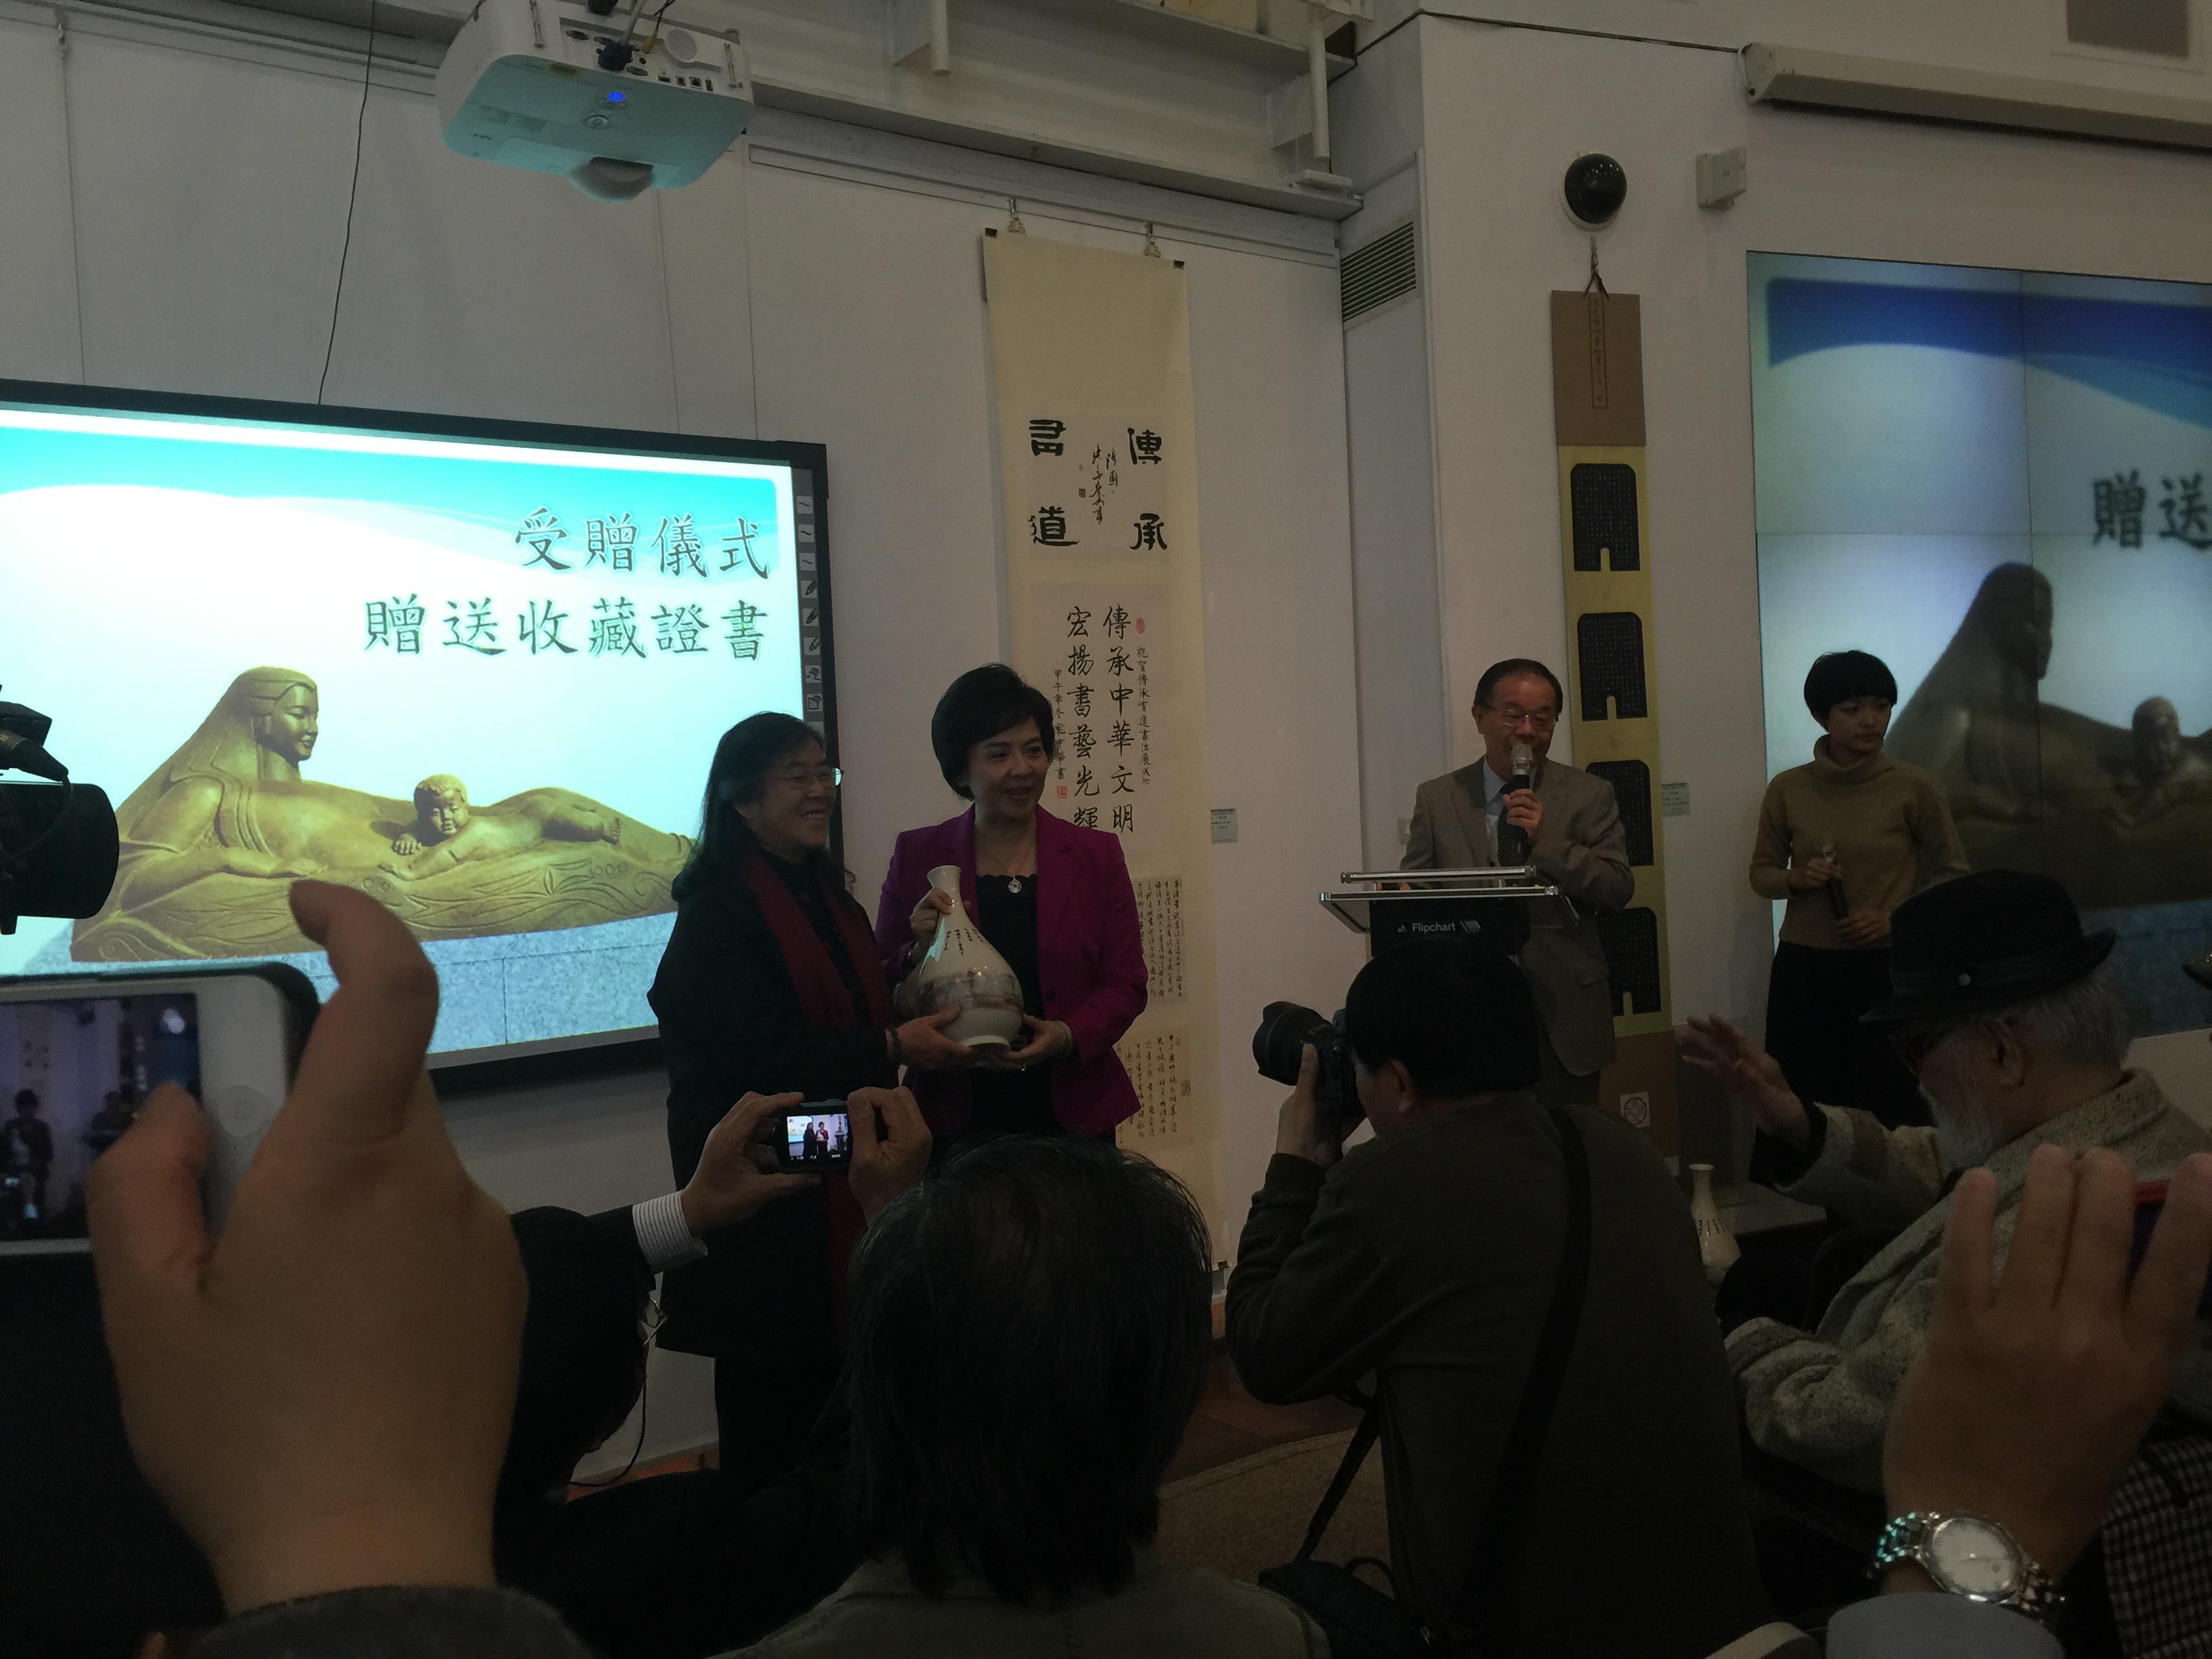 《黄河母亲》台湾淡江大学捐赠仪式现场 (6)